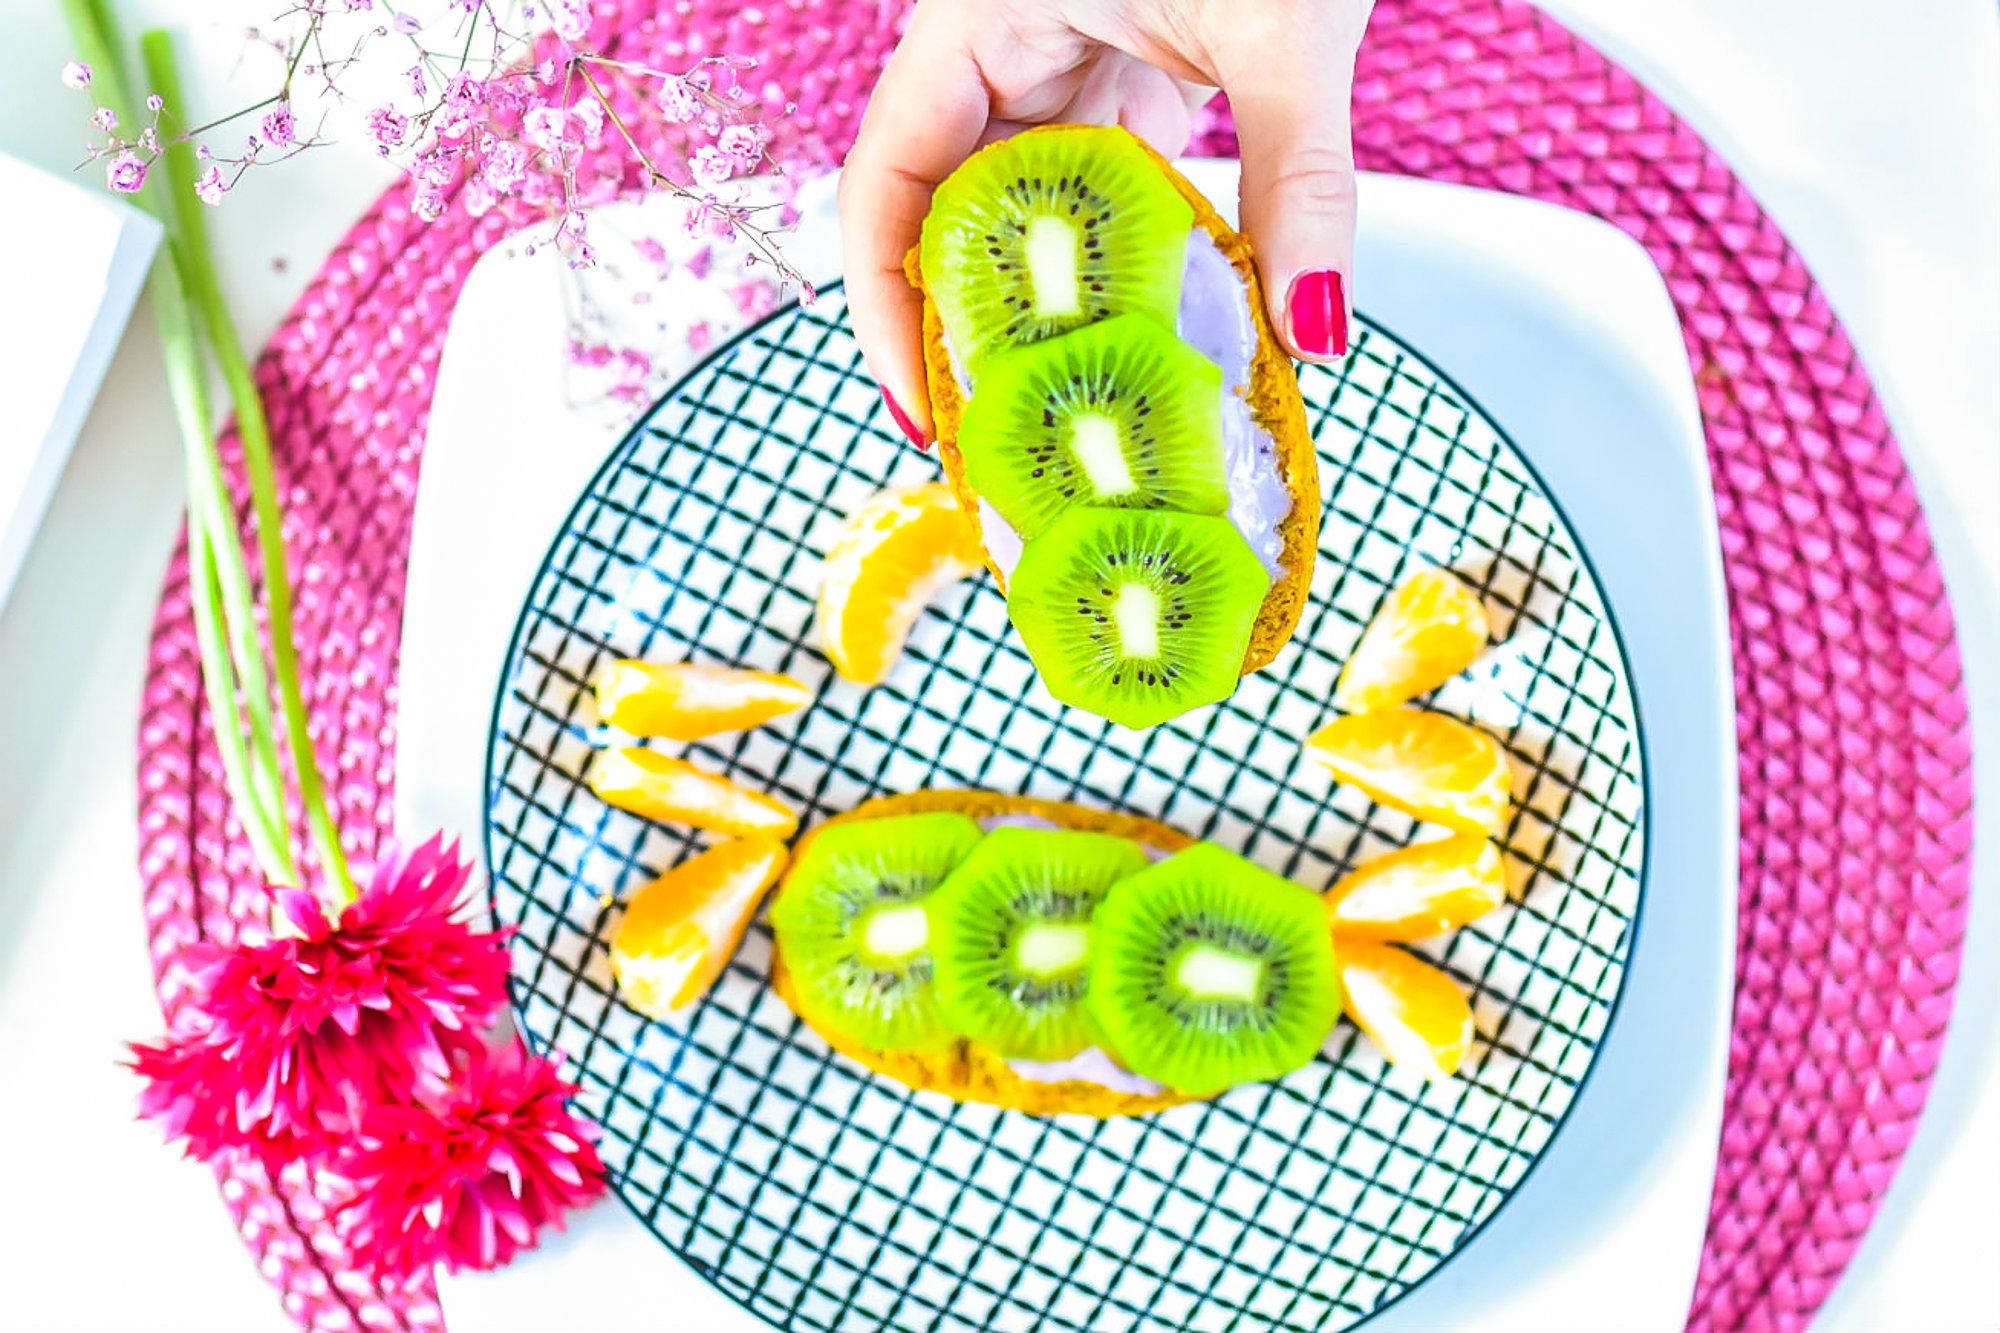 Schnelle einfache Snacks zubereiten mit Früchten